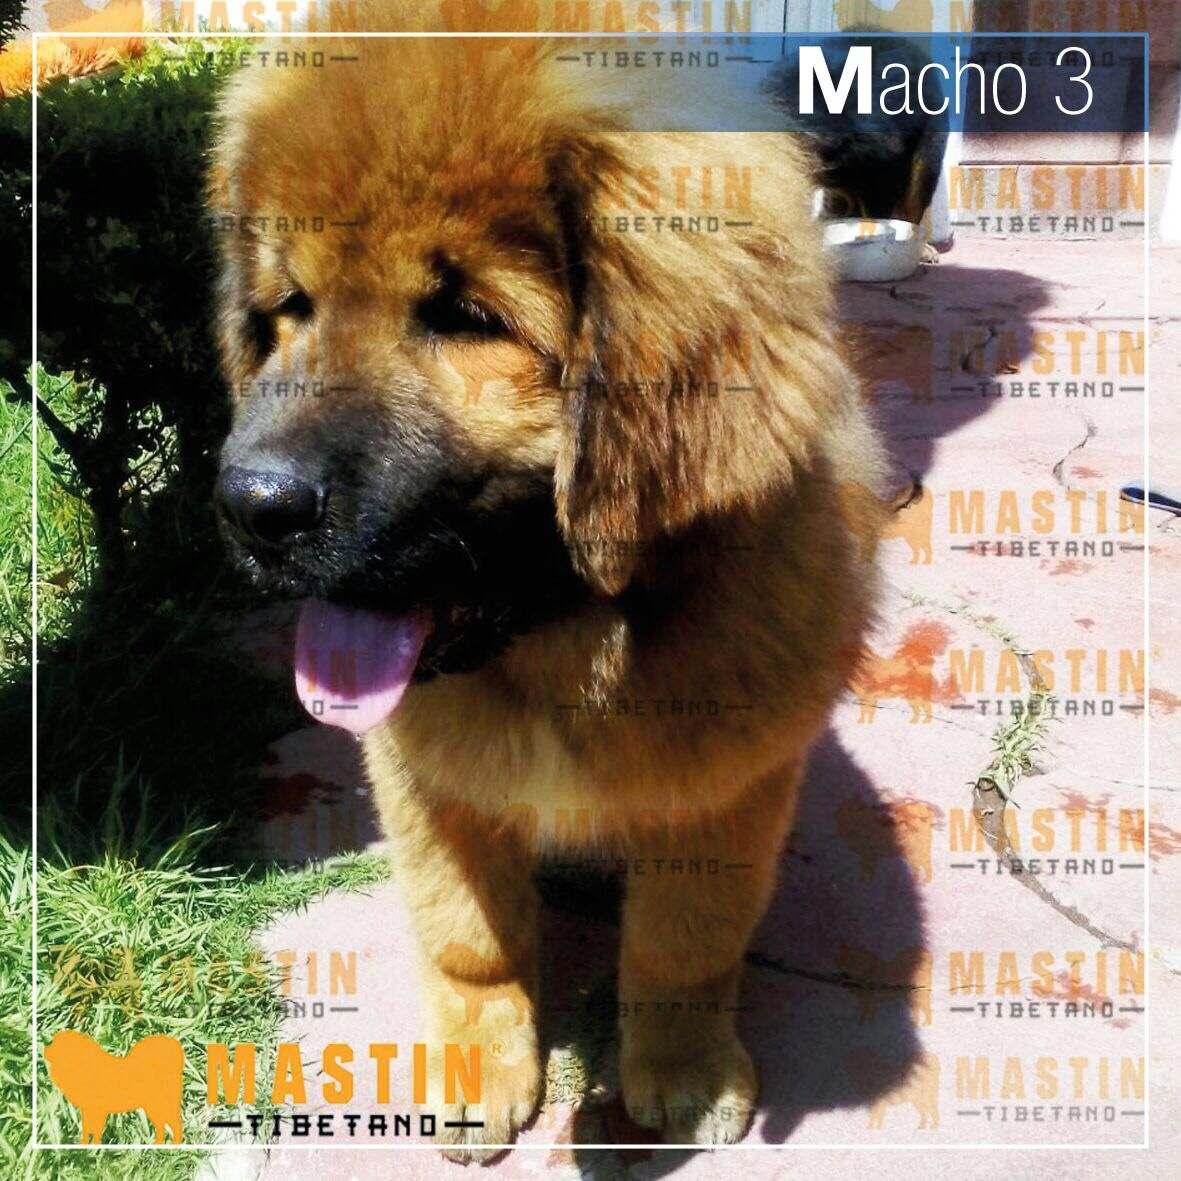 Cachorros De Mast N Tibetano En Venta 50 En